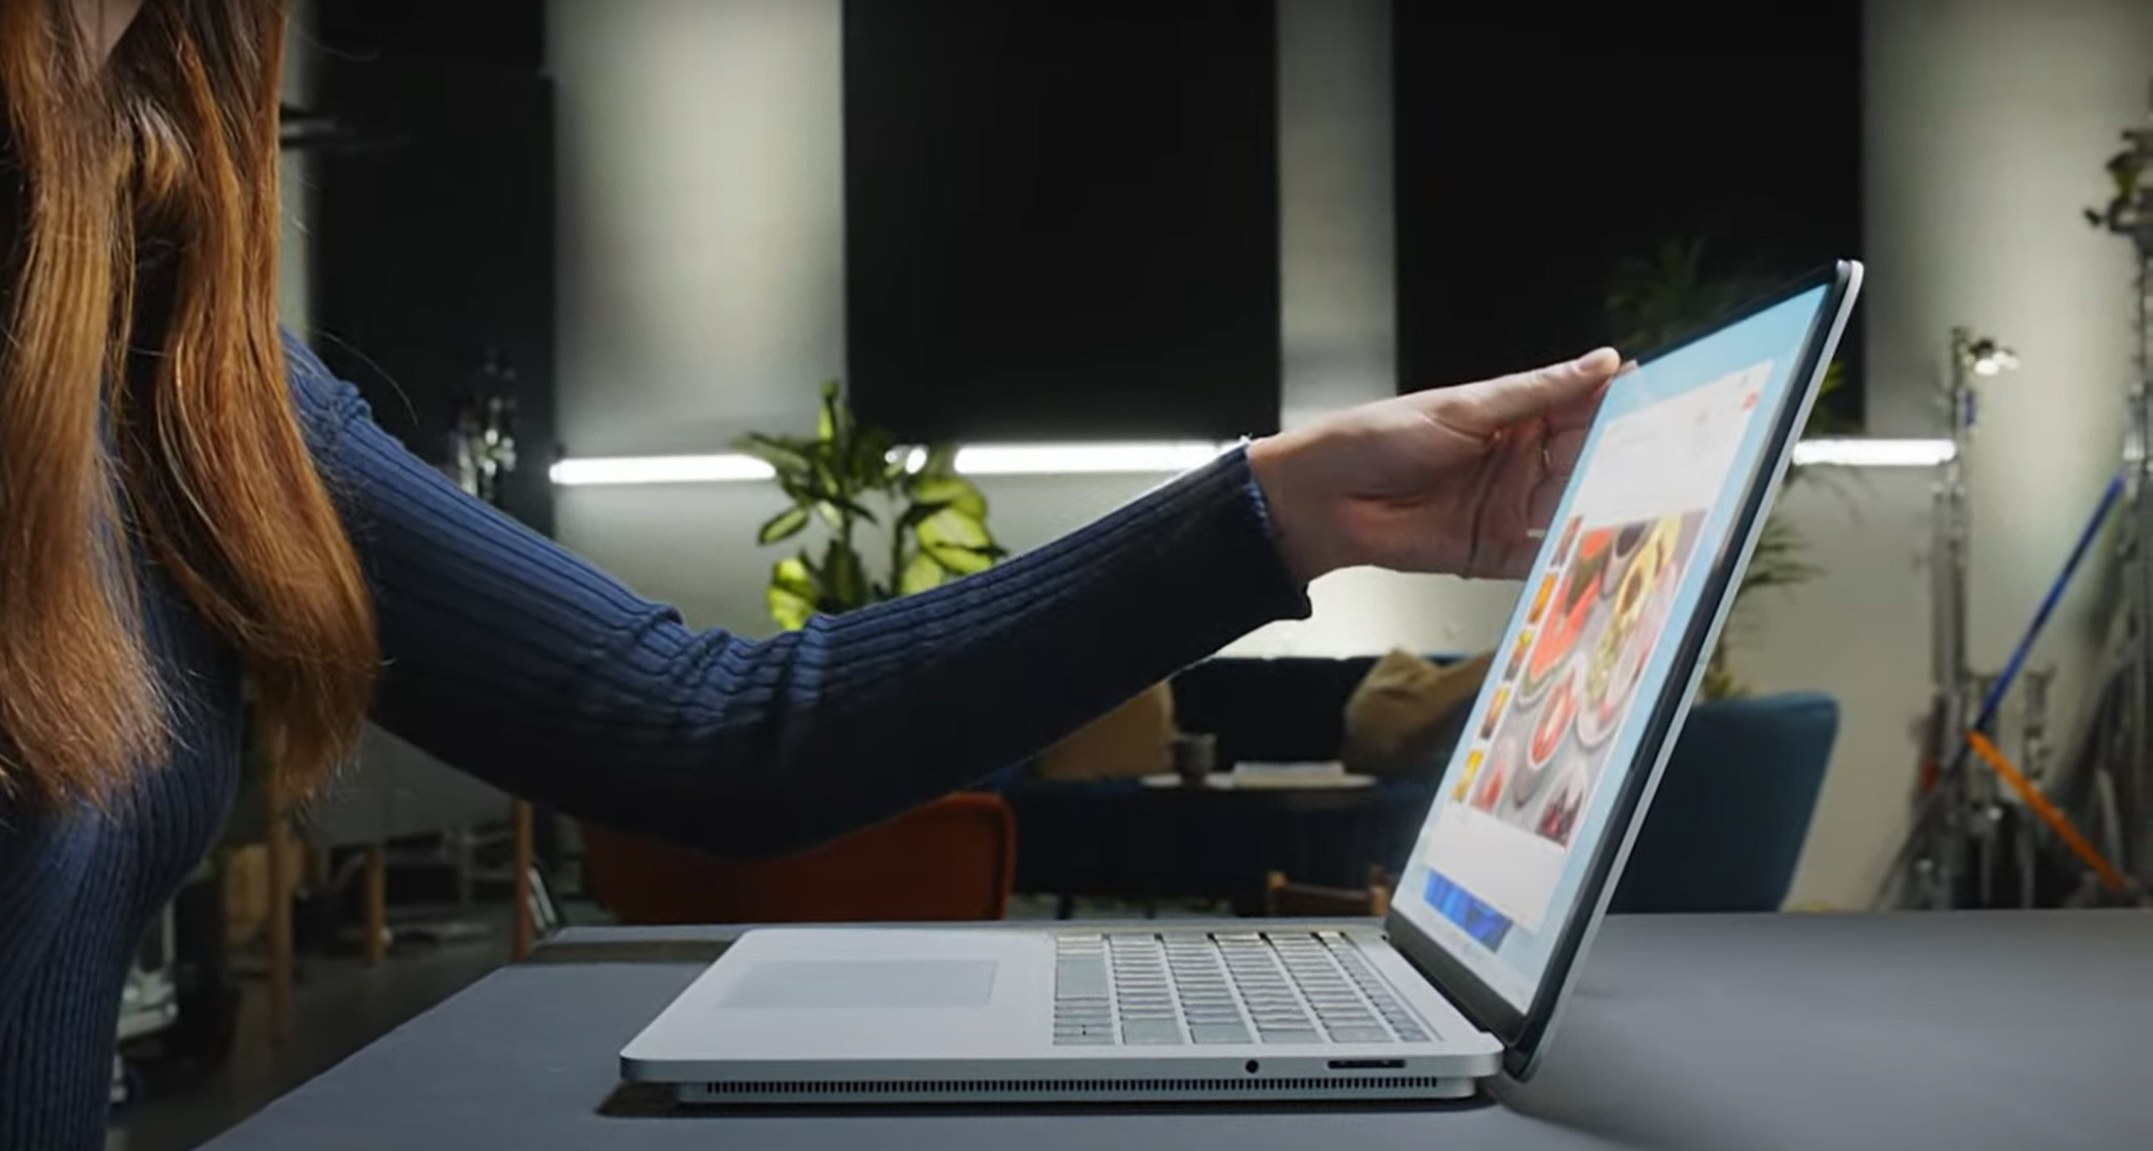 laptop-mode